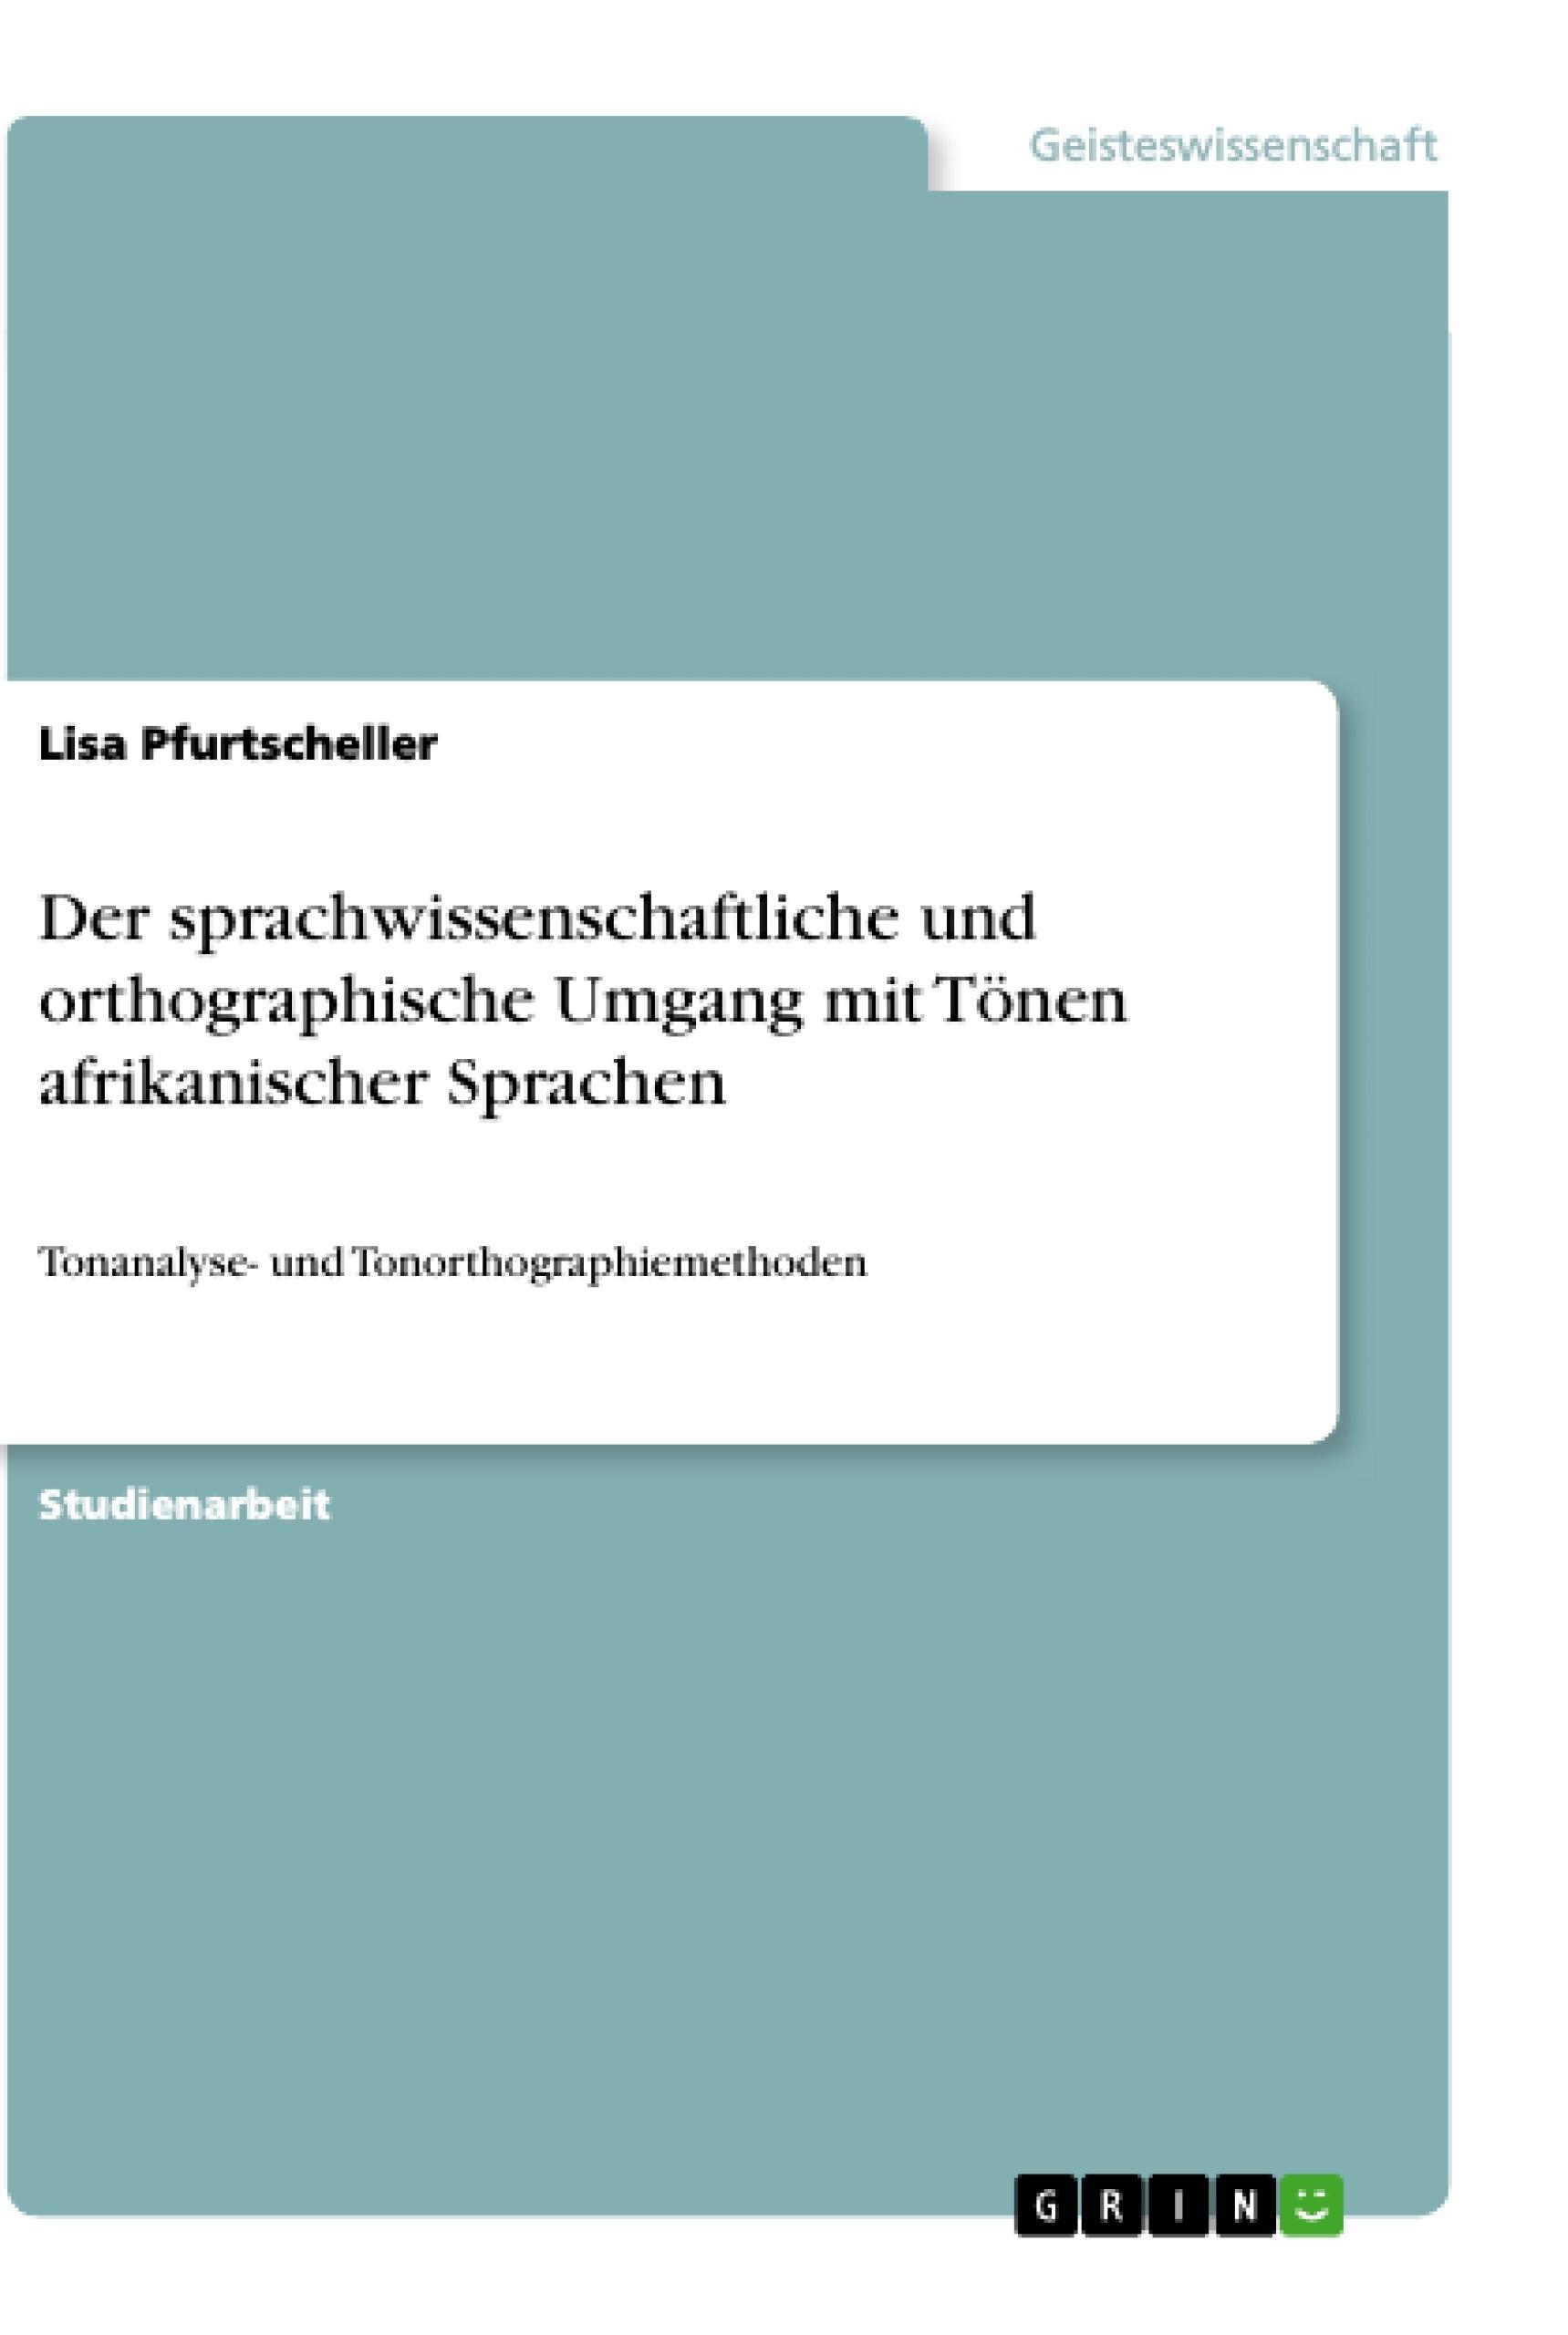 Titel: Der sprachwissenschaftliche und orthographische Umgang mit Tönen afrikanischer Sprachen